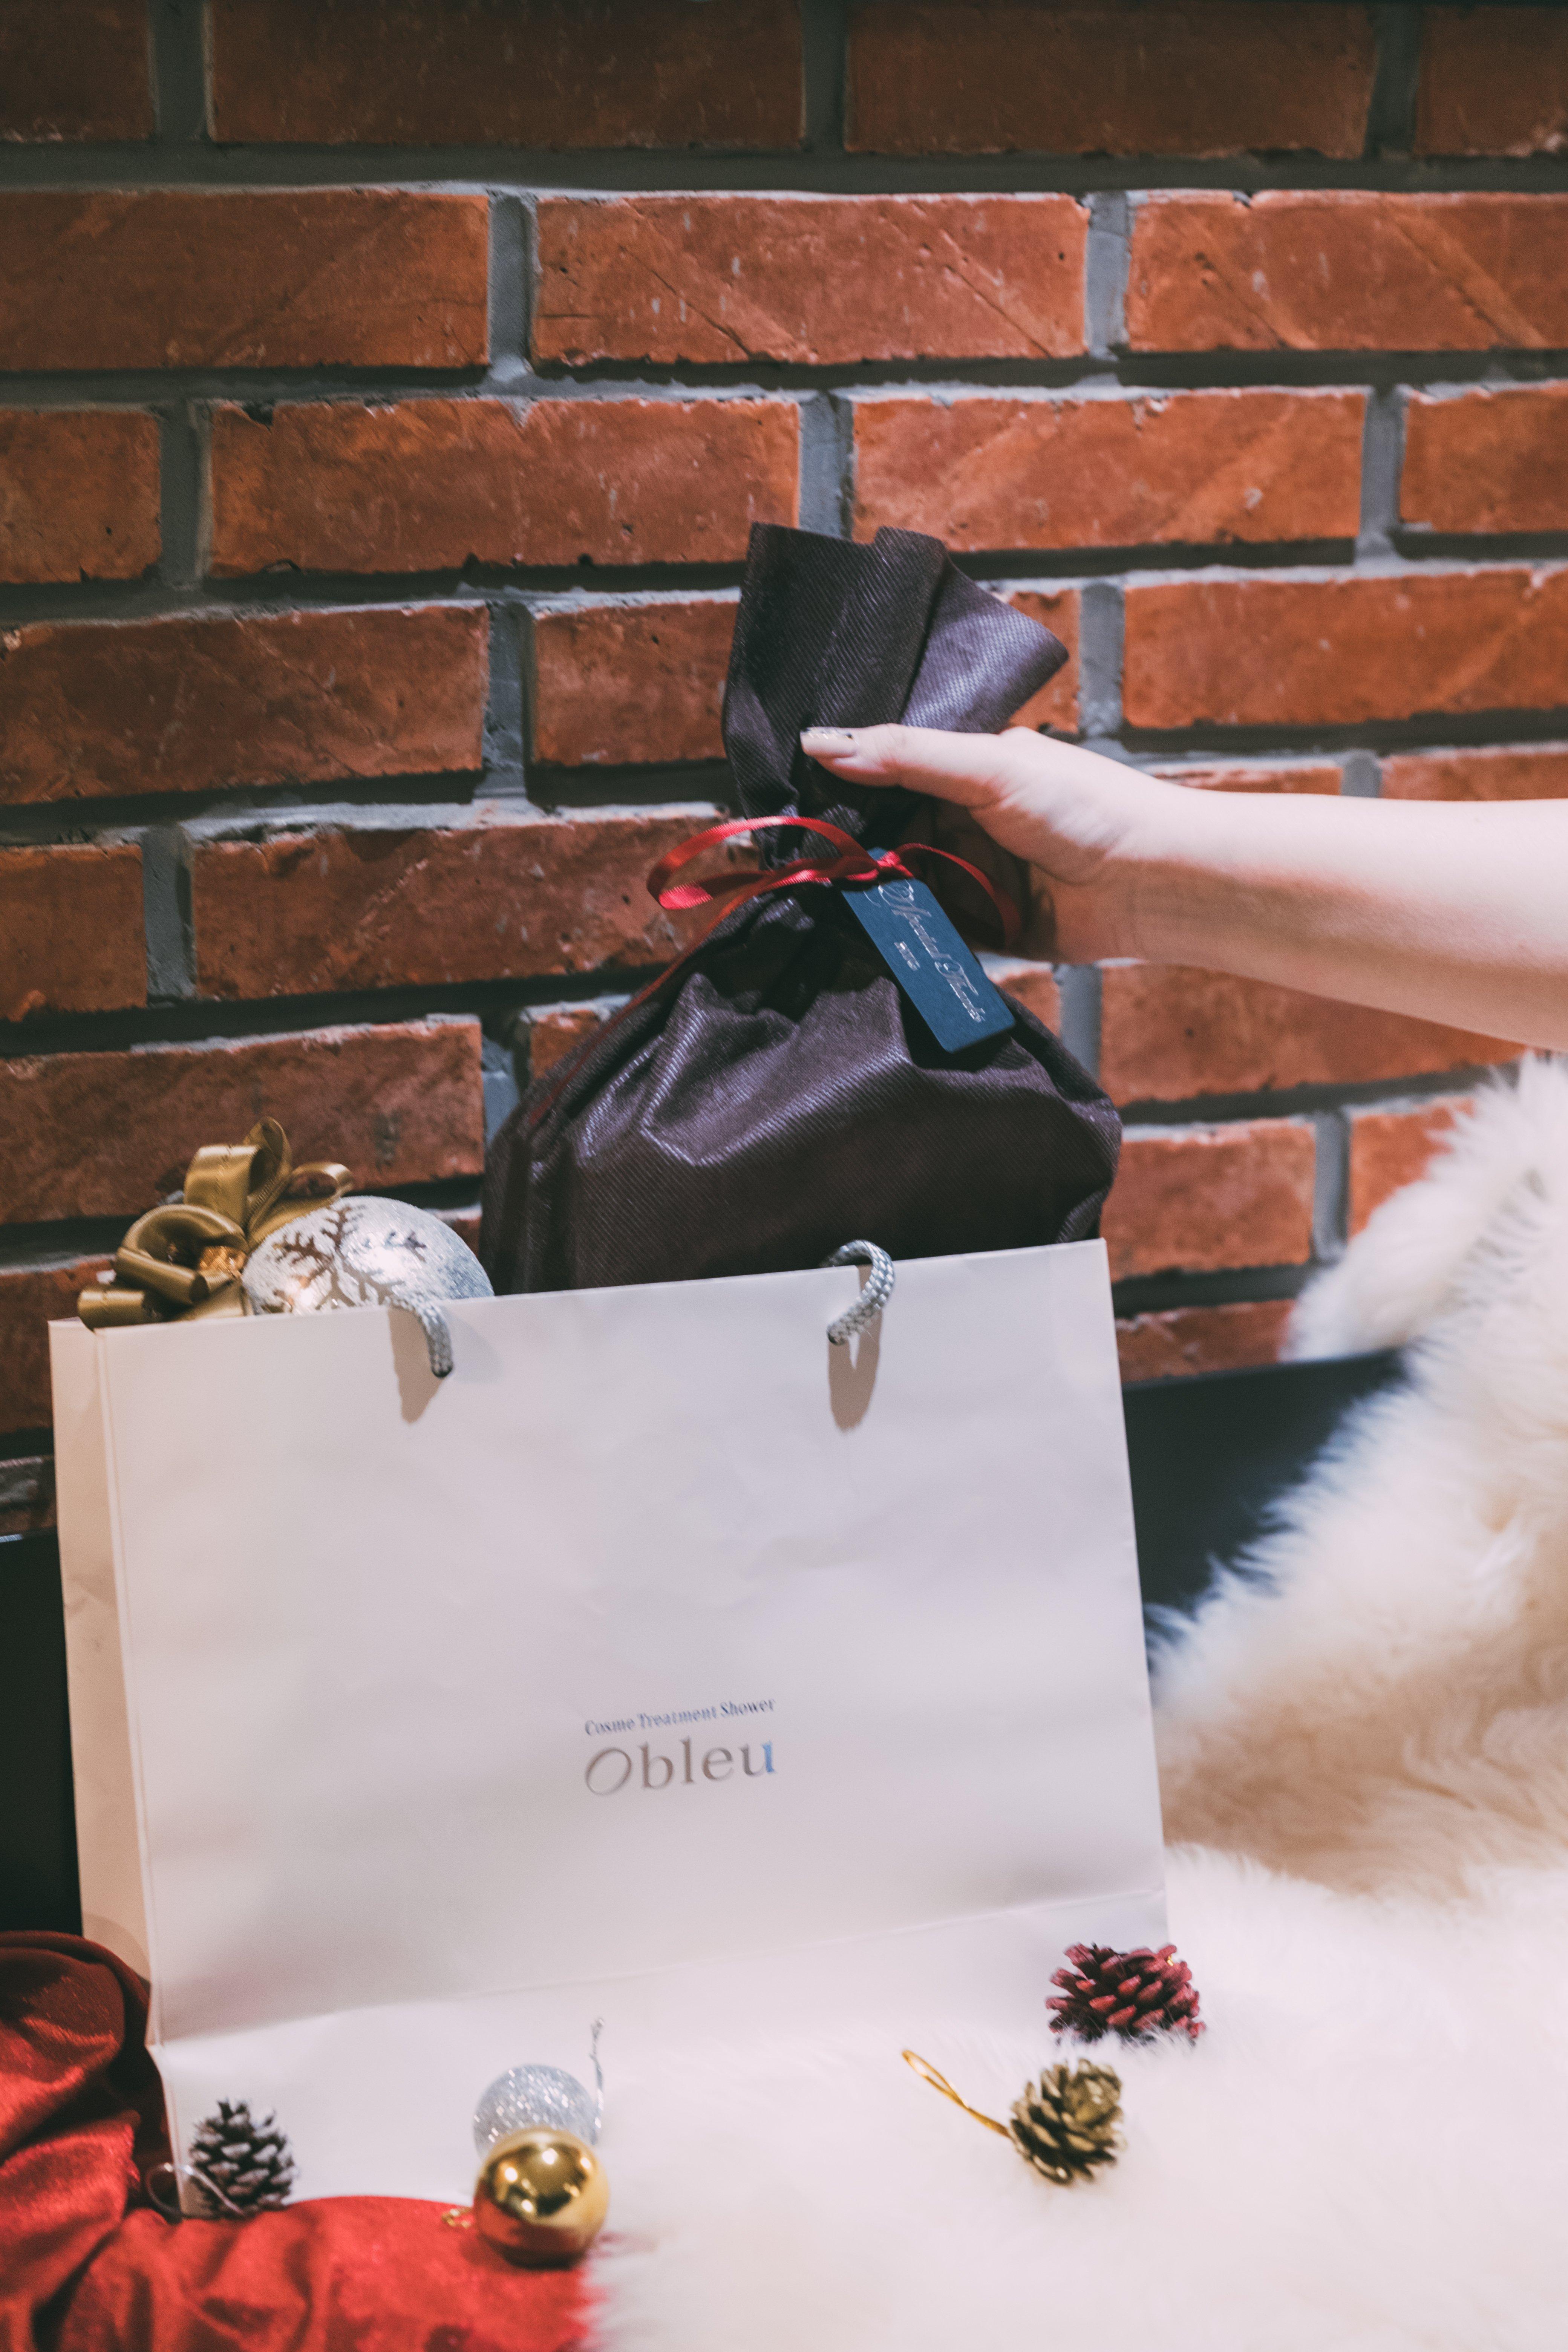 敗家 ♥ 買日貨不用找代購啦。日本購物找集貨又快又簡單!((樂一番集貨 vs Tenso 日本轉運小評比 ♫